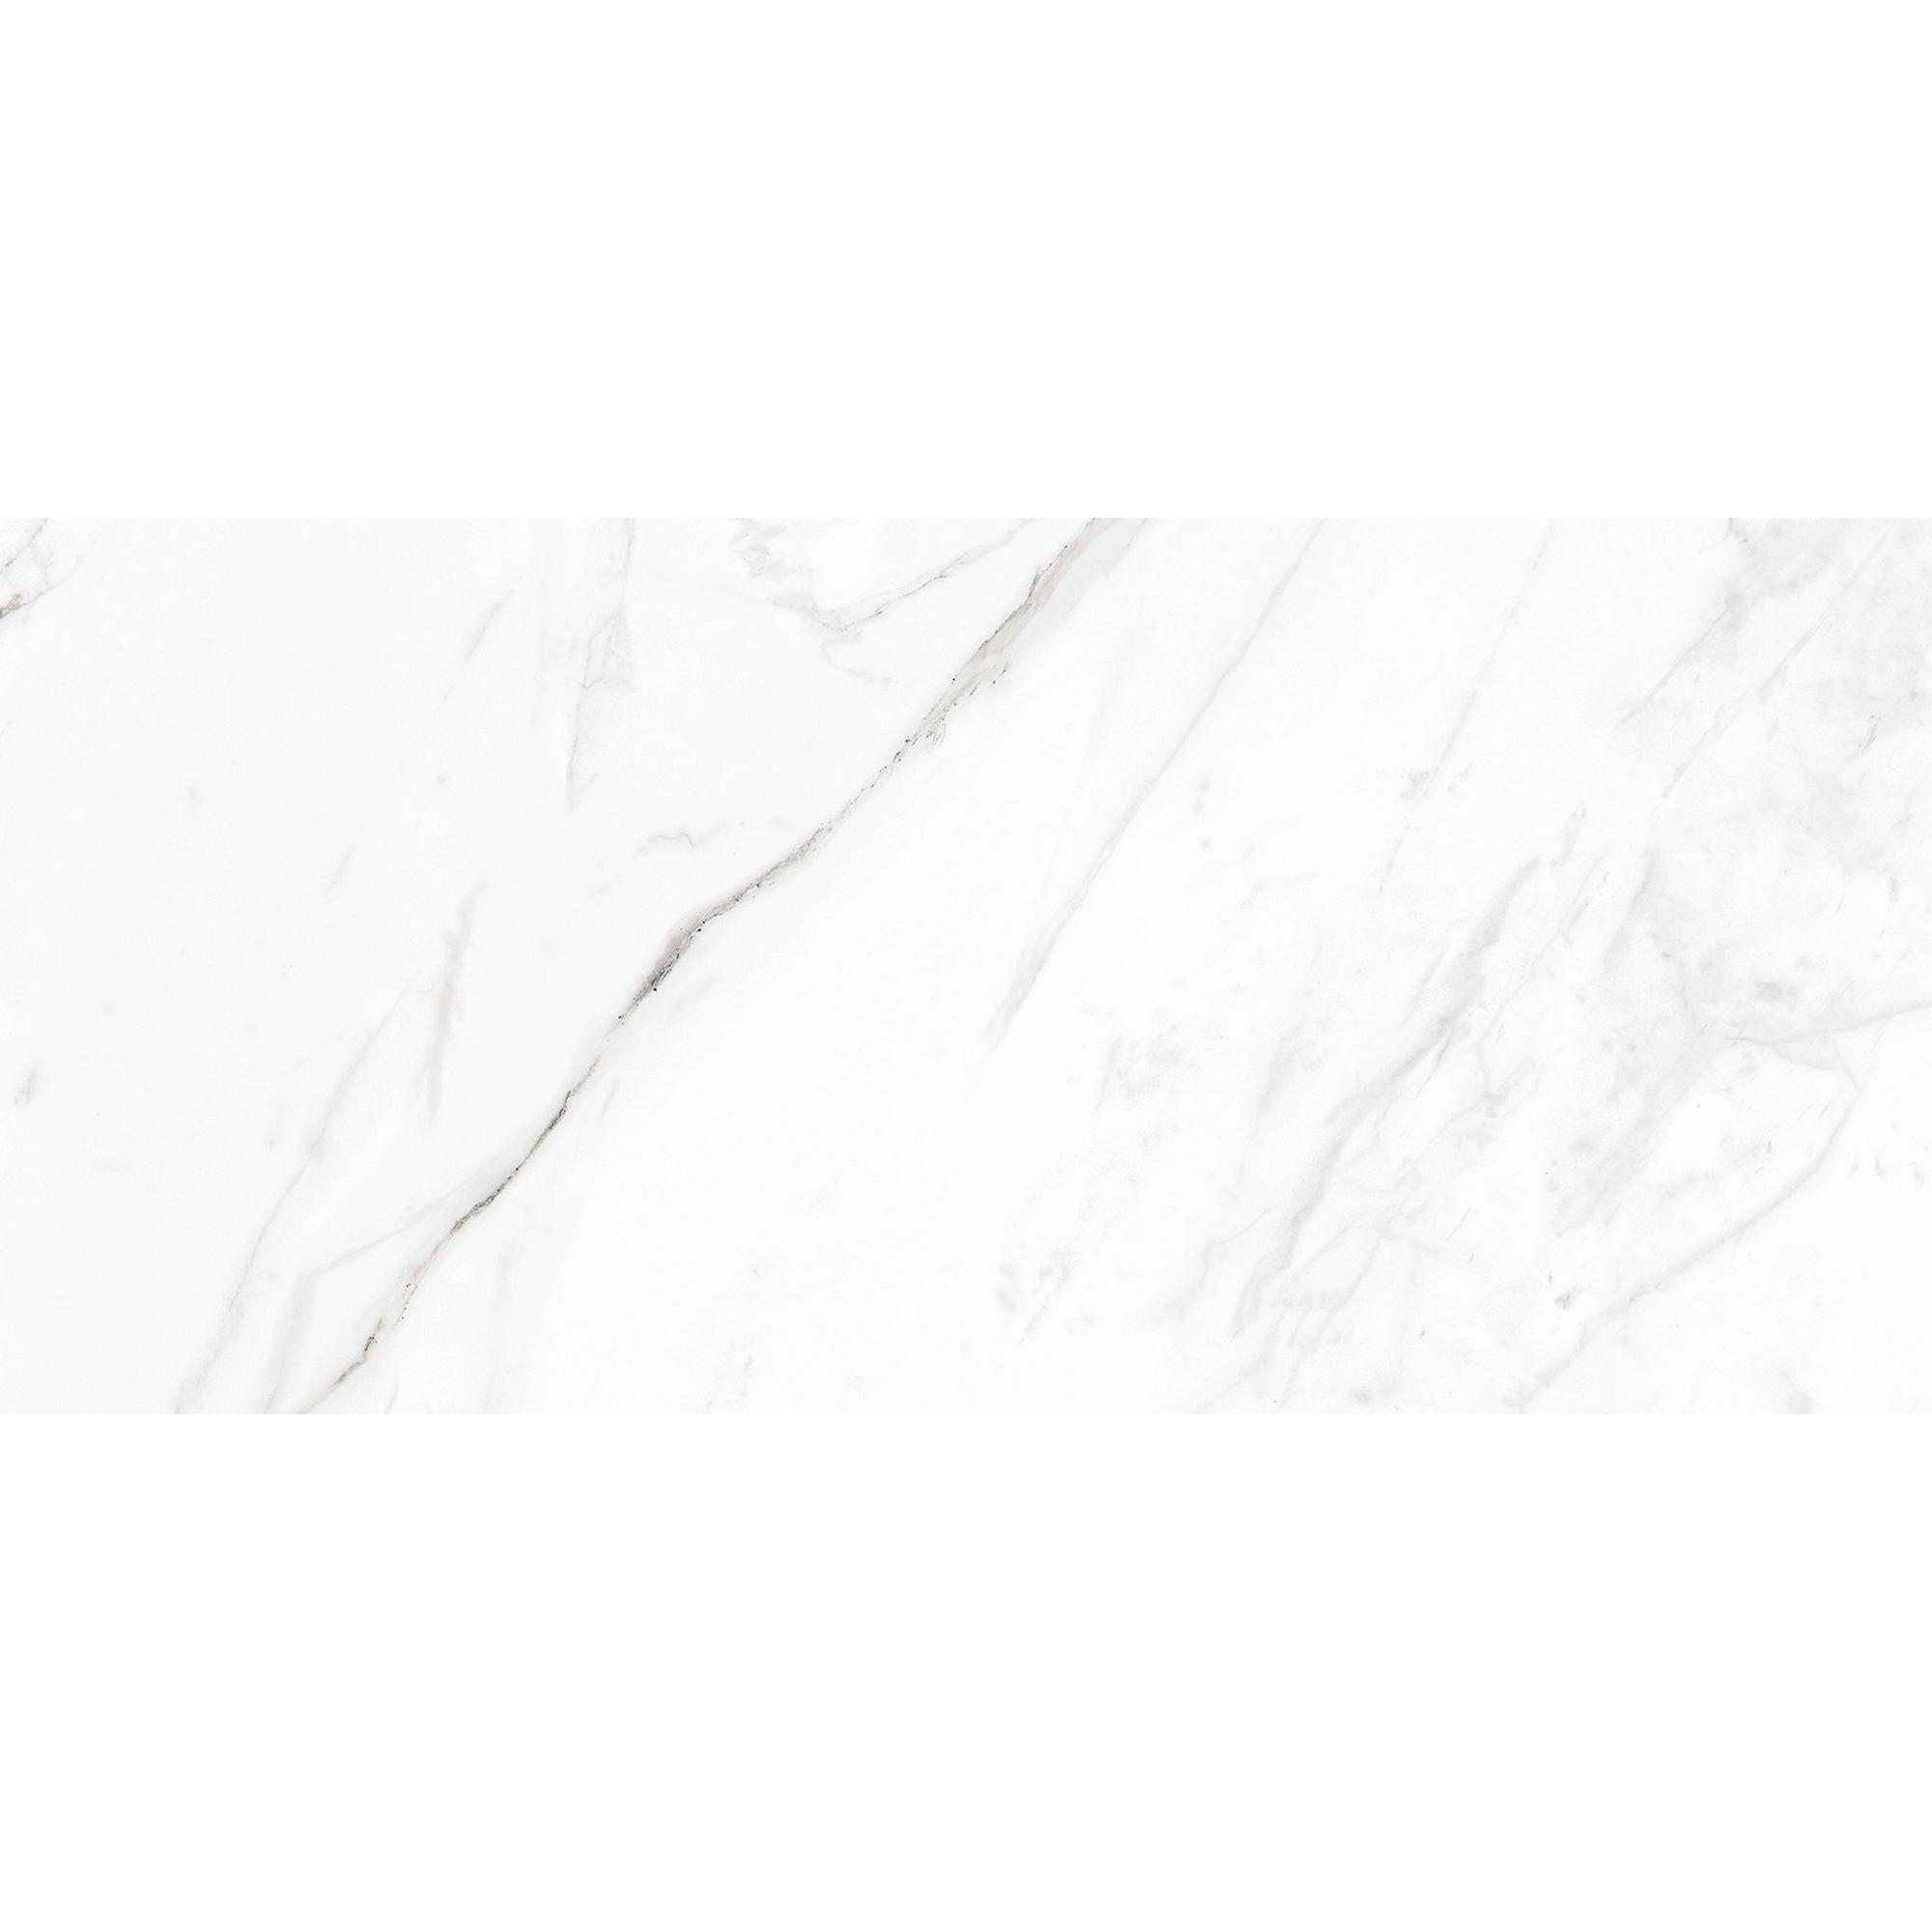 Bodenfliese Calacata Weiß Grau 29,8x60cm